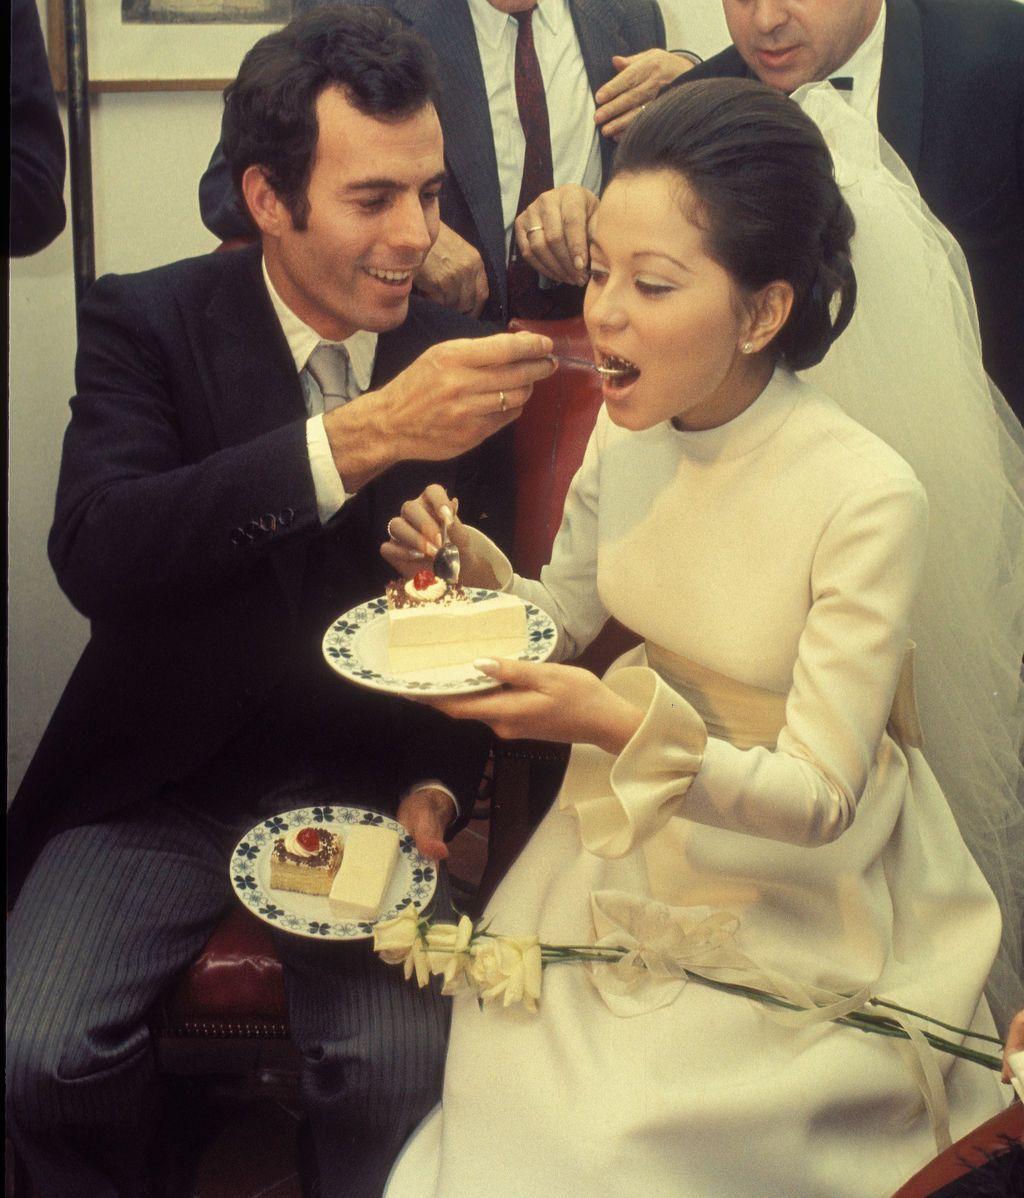 La boda de Isabel Preysler con Julio Iglesias